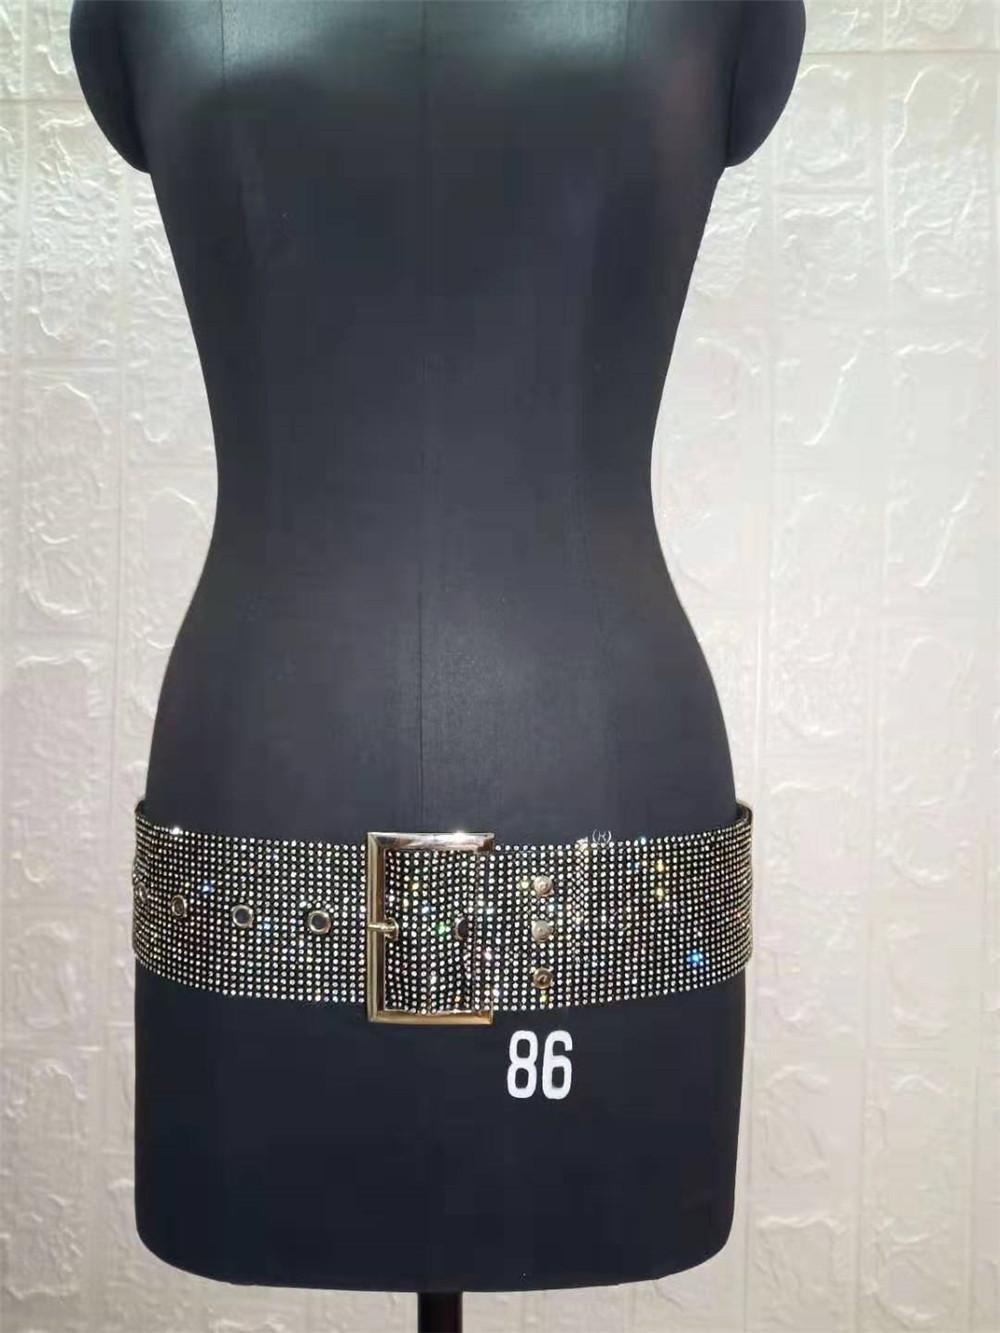 B34351A 2019 Высококачественная Женская одежда для ночного клуба и шоу, пояс с блестками